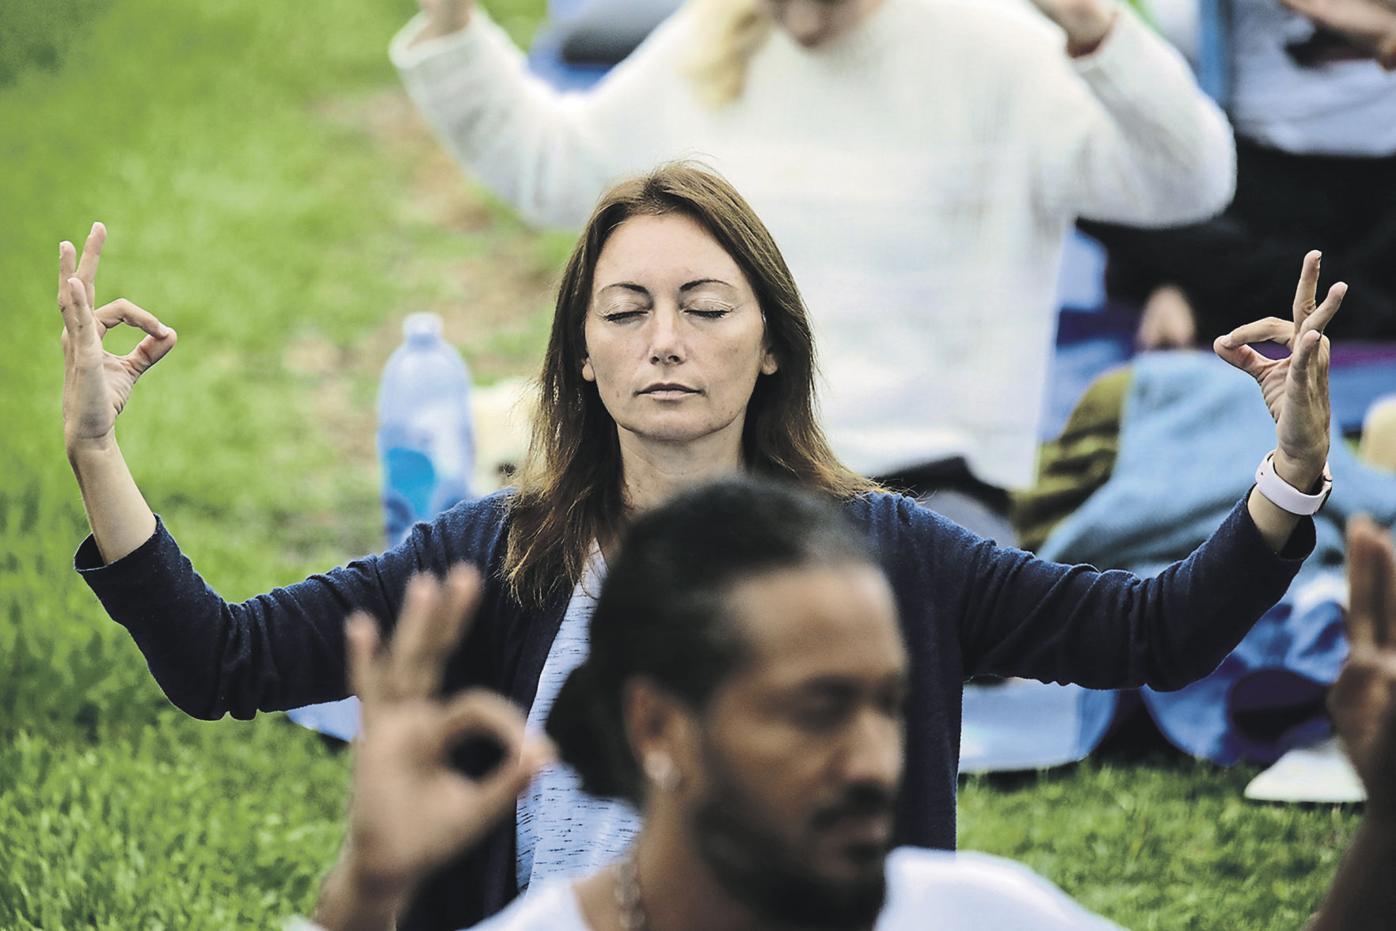 Hypno-yoga